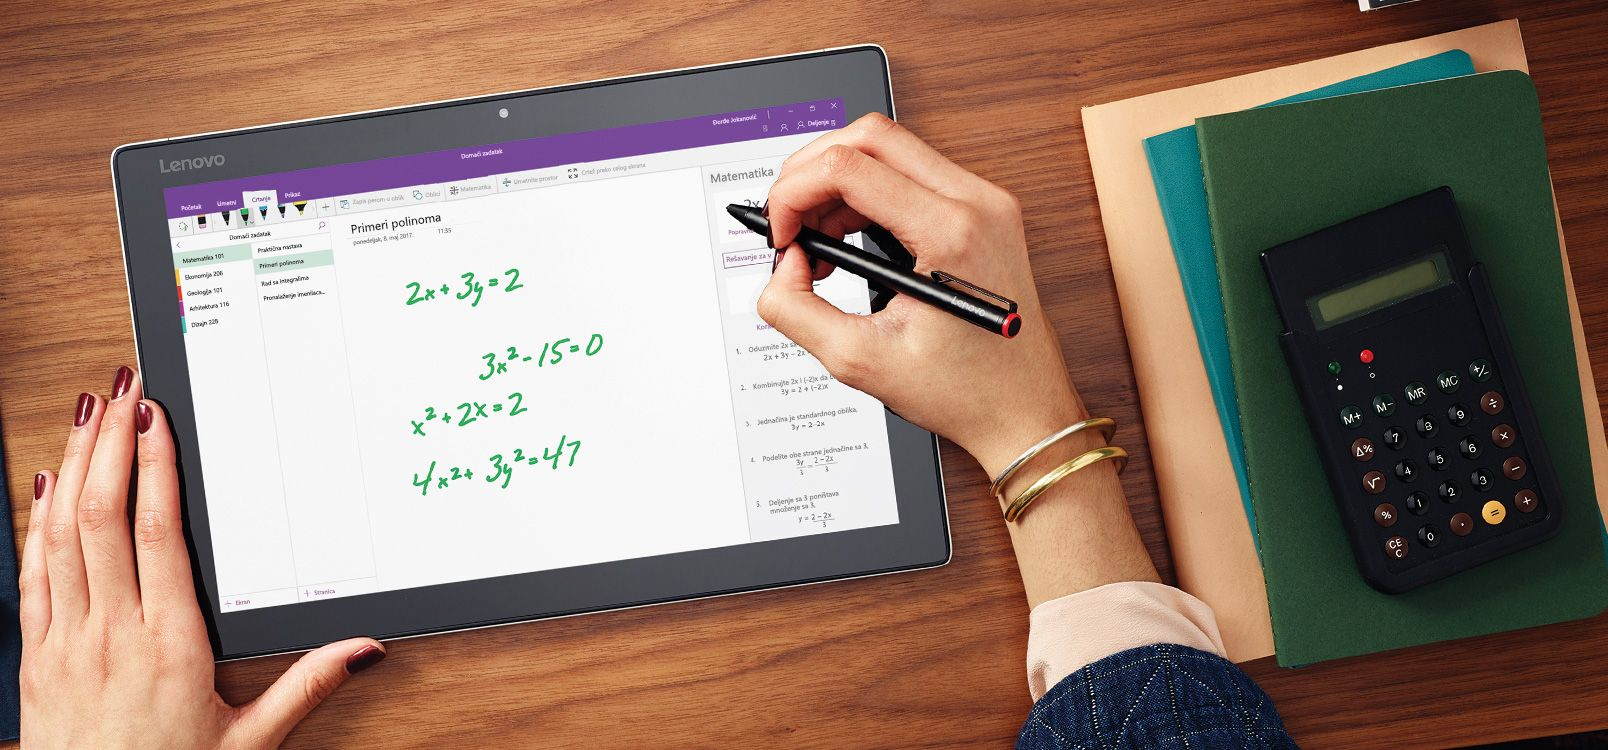 Ekran tableta koji prikazuje OneNote koji koristi pomoćnik za pretvaranje zapisa u jednačine